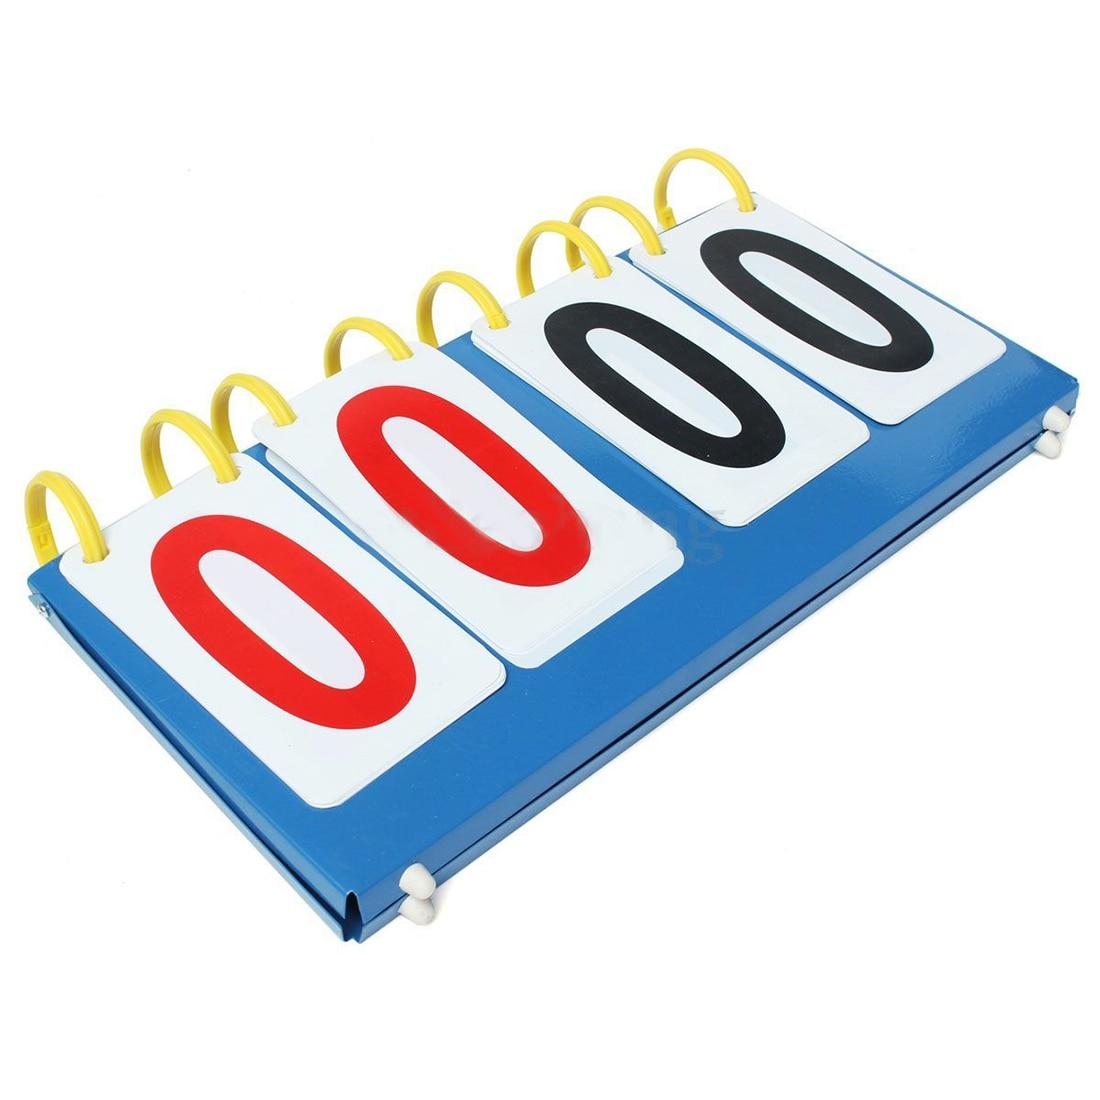 JHO-Portable 4 Digit Scoreboard Sports Flip Score Board Basketball Scorer Tennis